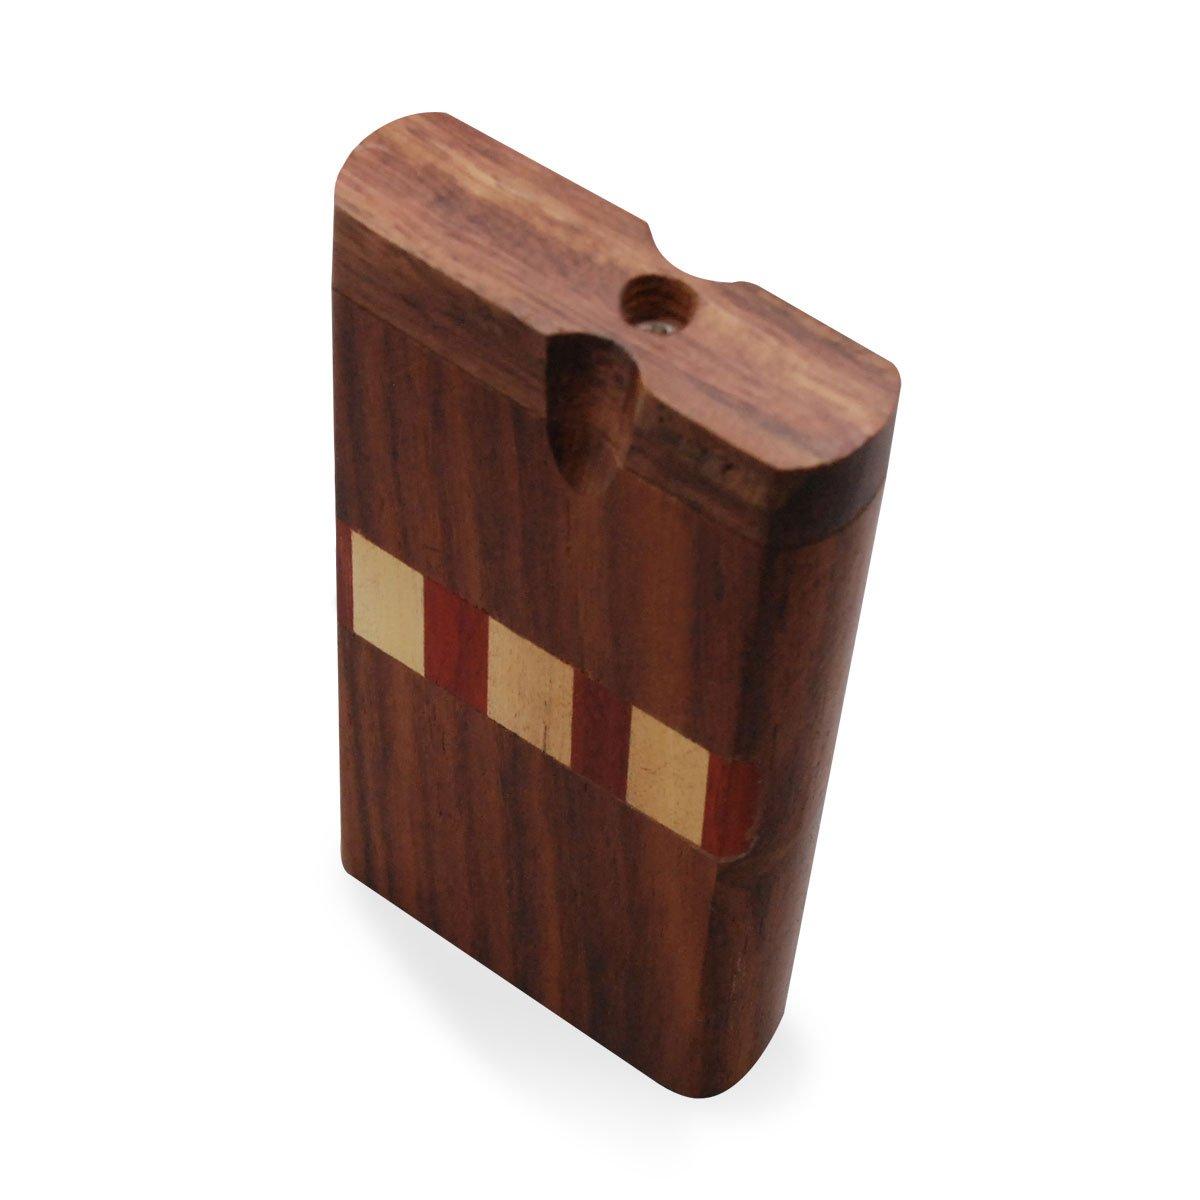 Striped Wooden Tobacco Box